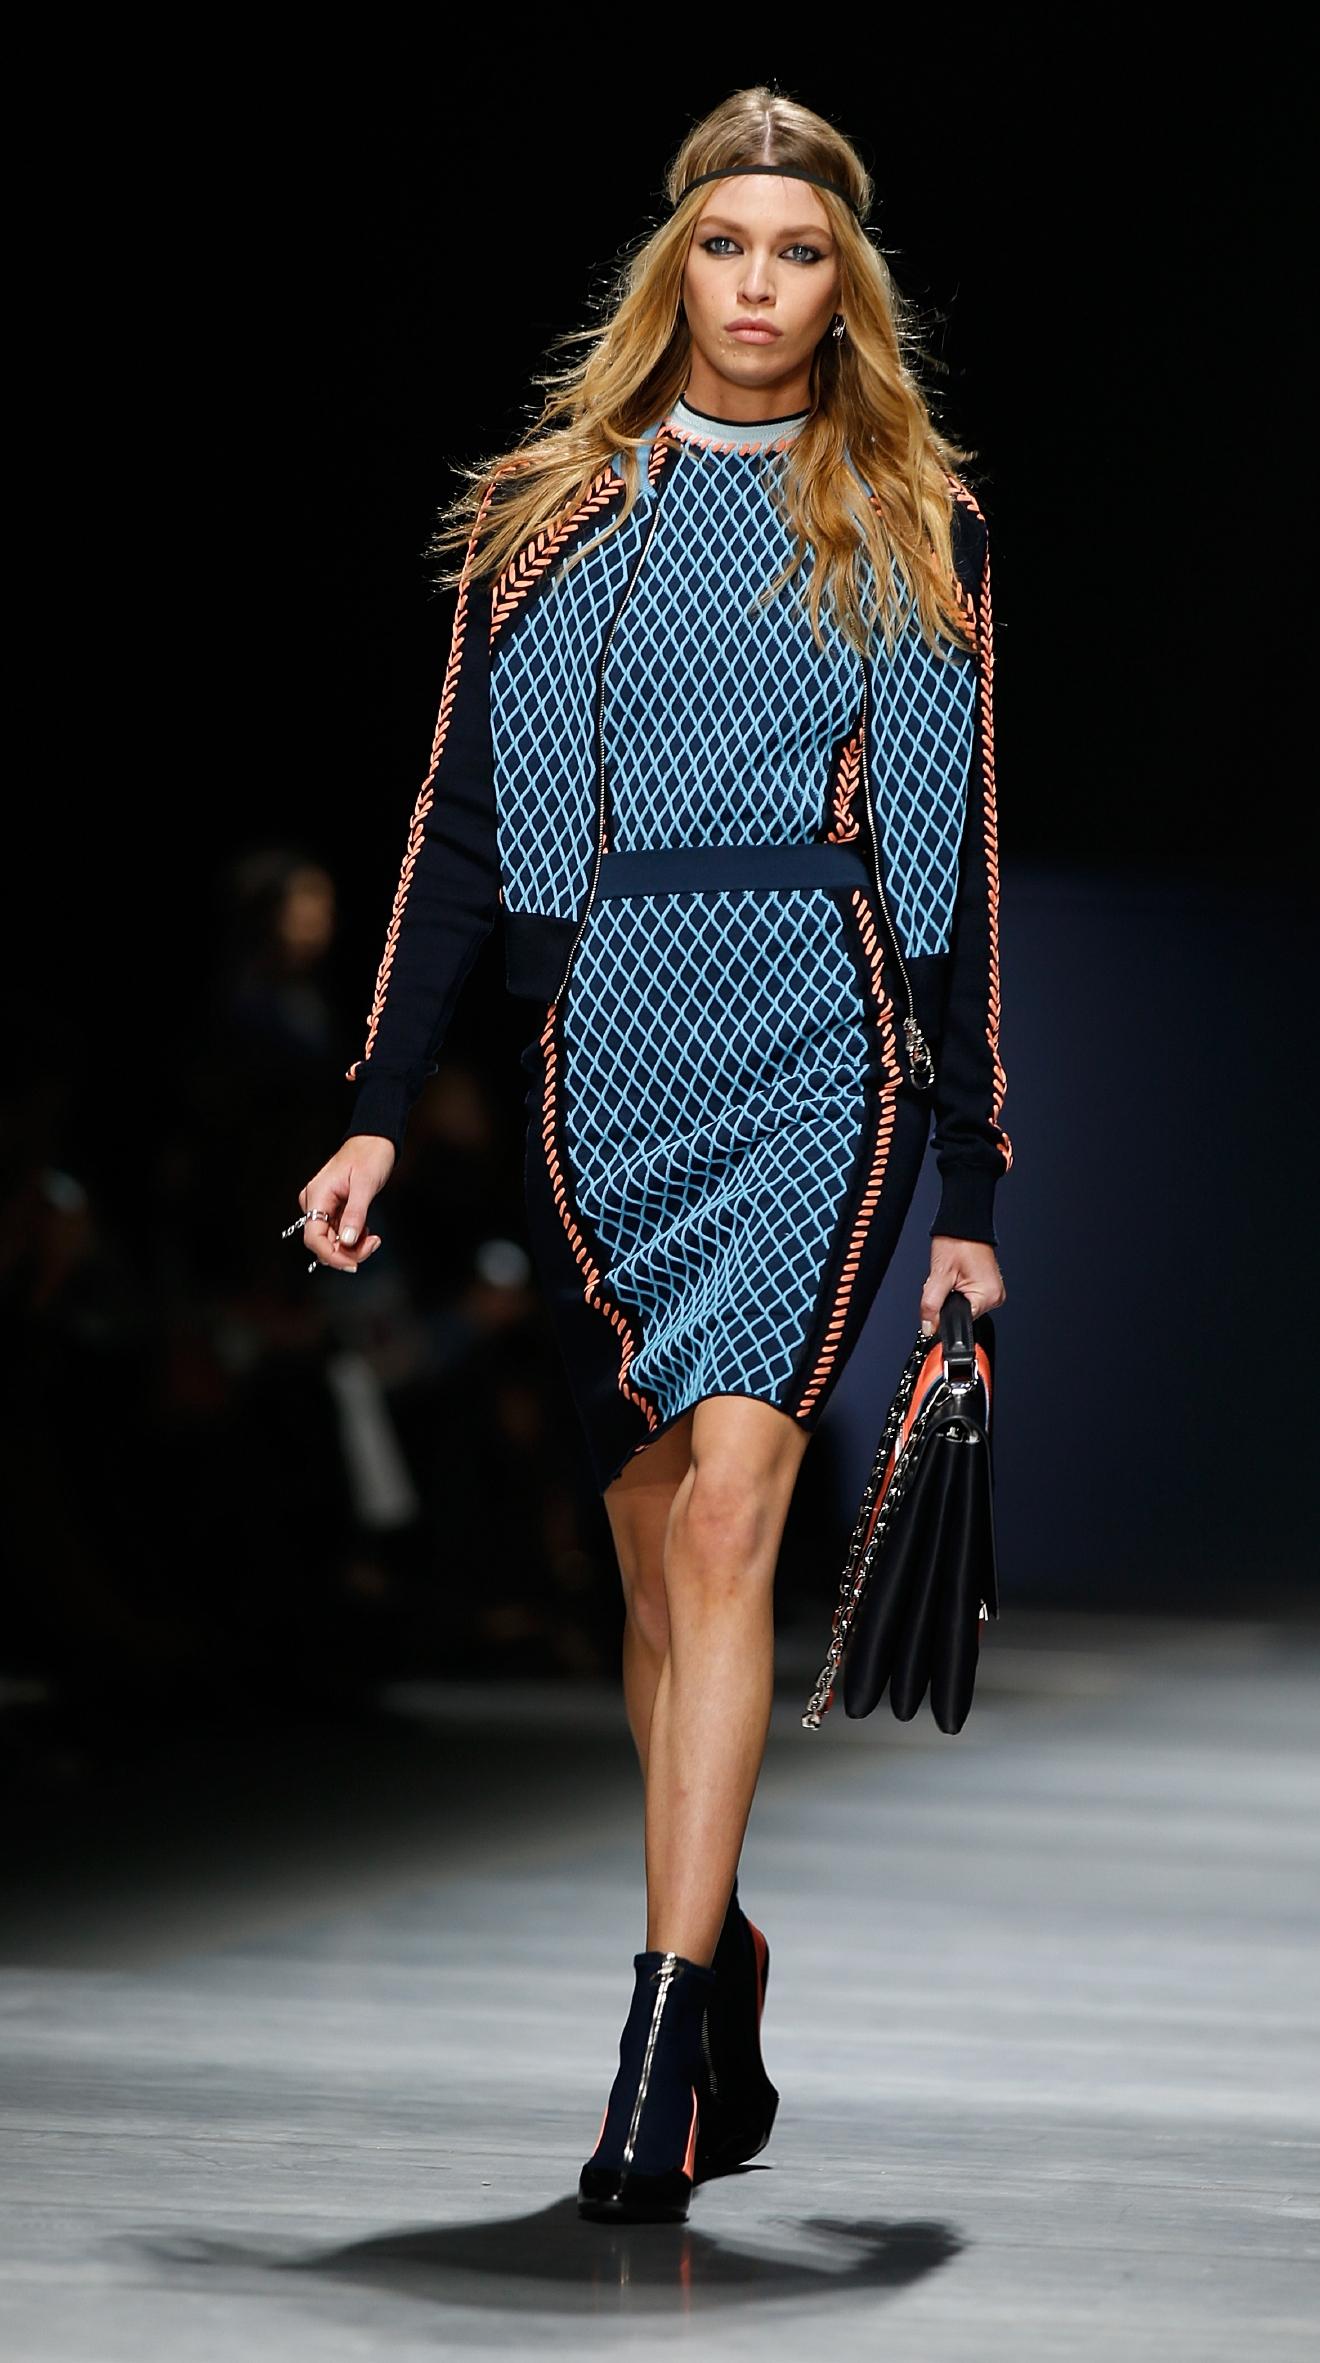 Gallery: Bright eyewear, color at Milan Fashion Week